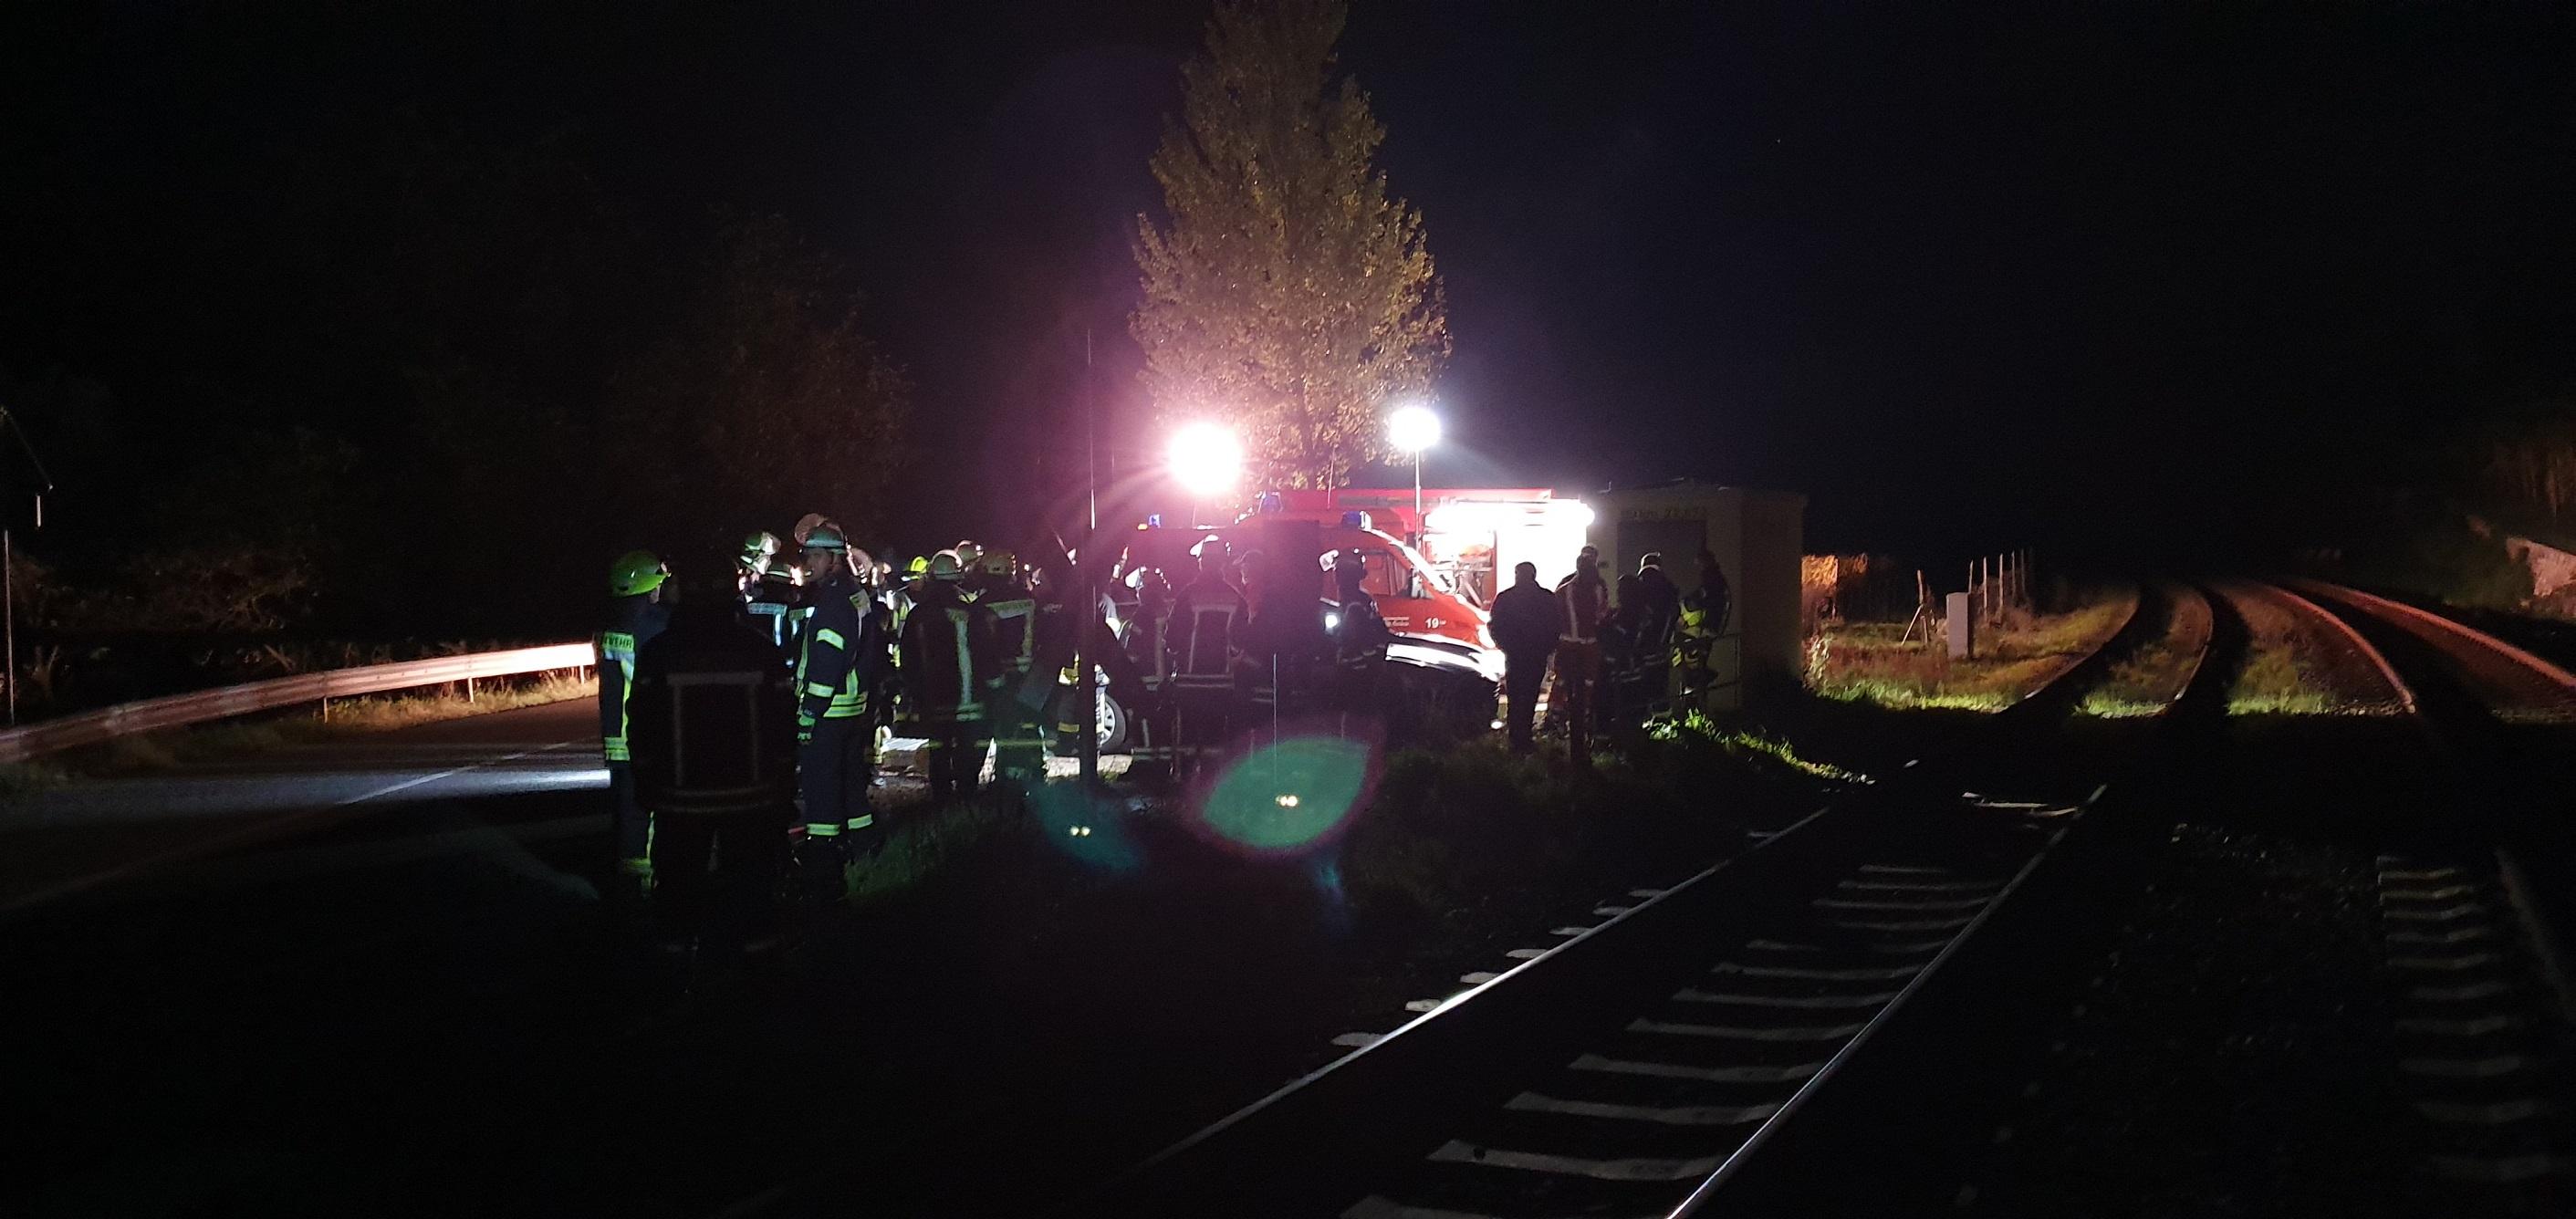 20191029_Ausbildung Bahn Norheim (2)